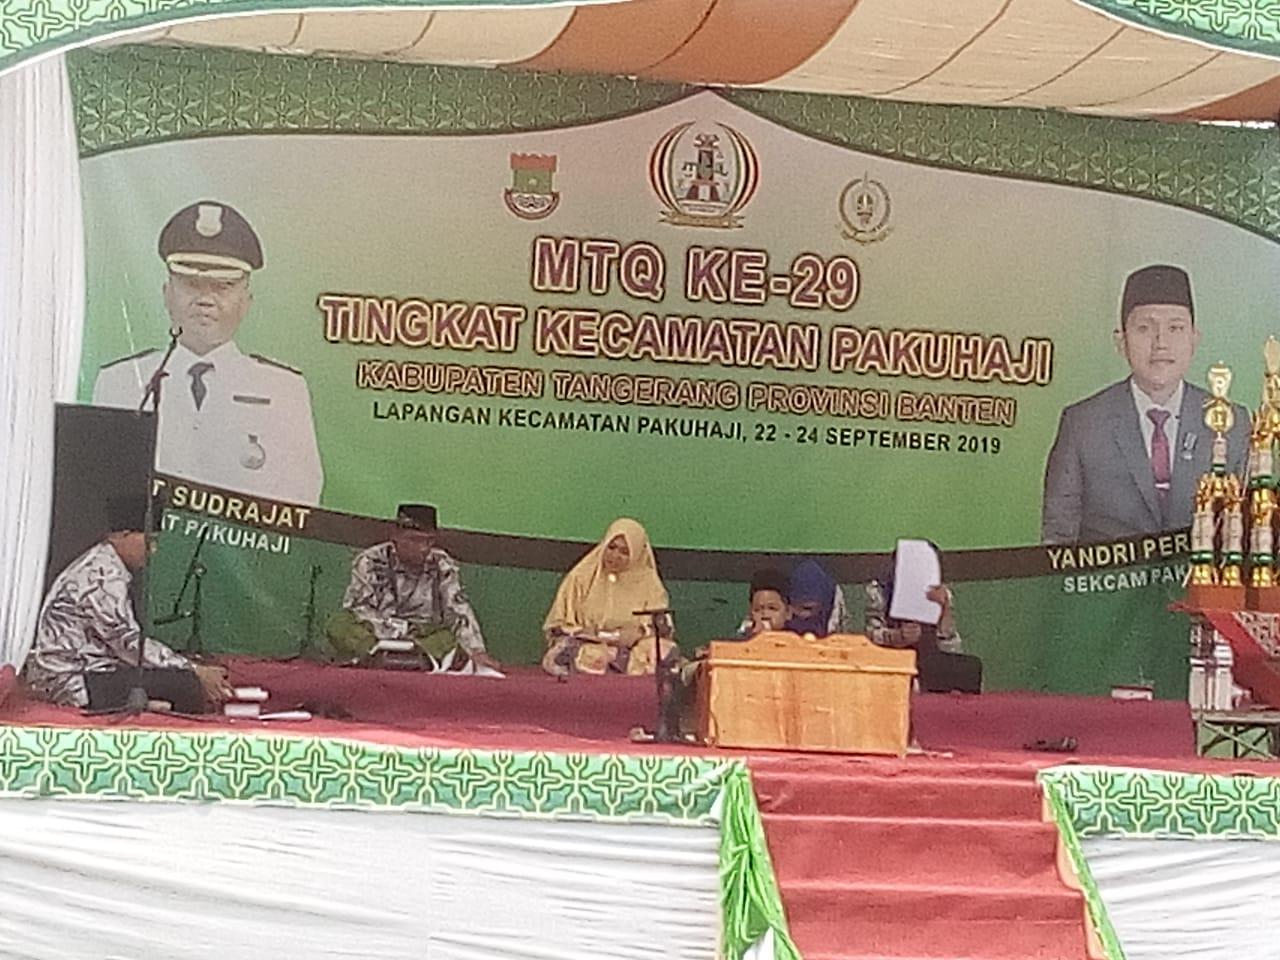 Hari ini, 126 Peserta Ikuti MTQ Ke-29 Tingkat Kecamatan Pakuhaji